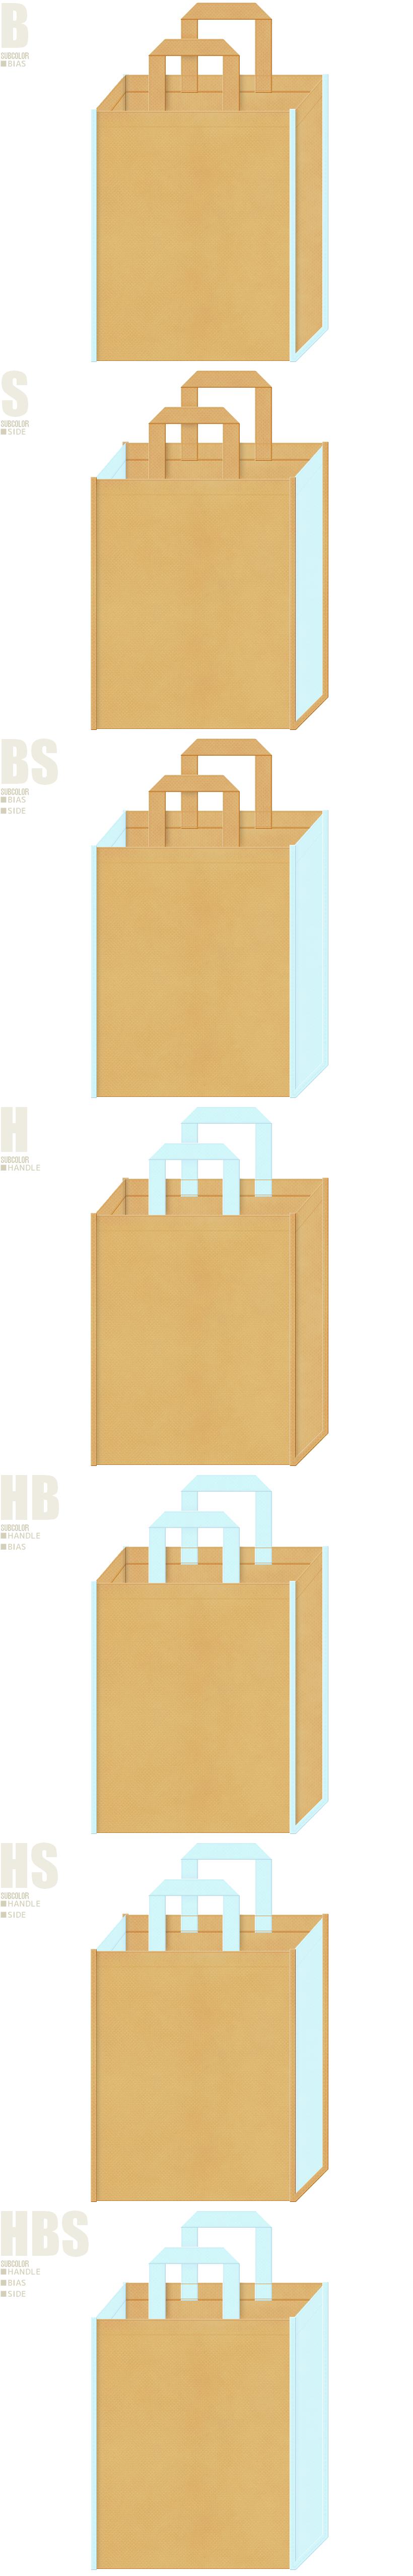 薄黄土色と水色、7パターンの不織布トートバッグ配色デザイン例。girlyな不織布バッグにお奨めです。